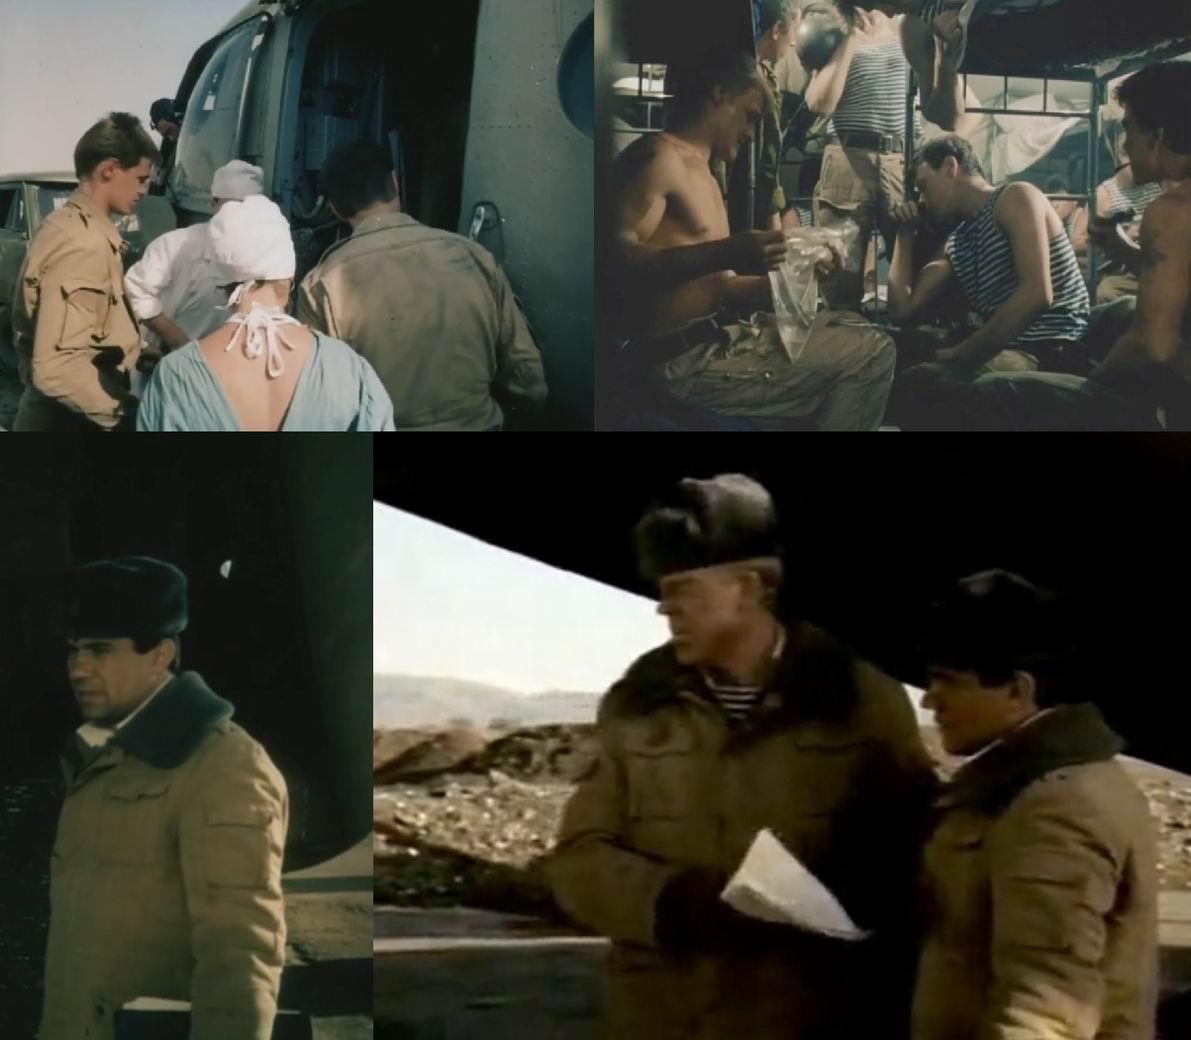 Большинство солдат и офицеров носят афганки, в том числе зимние. В разведроте даже в расположении предпочитают мабуты.